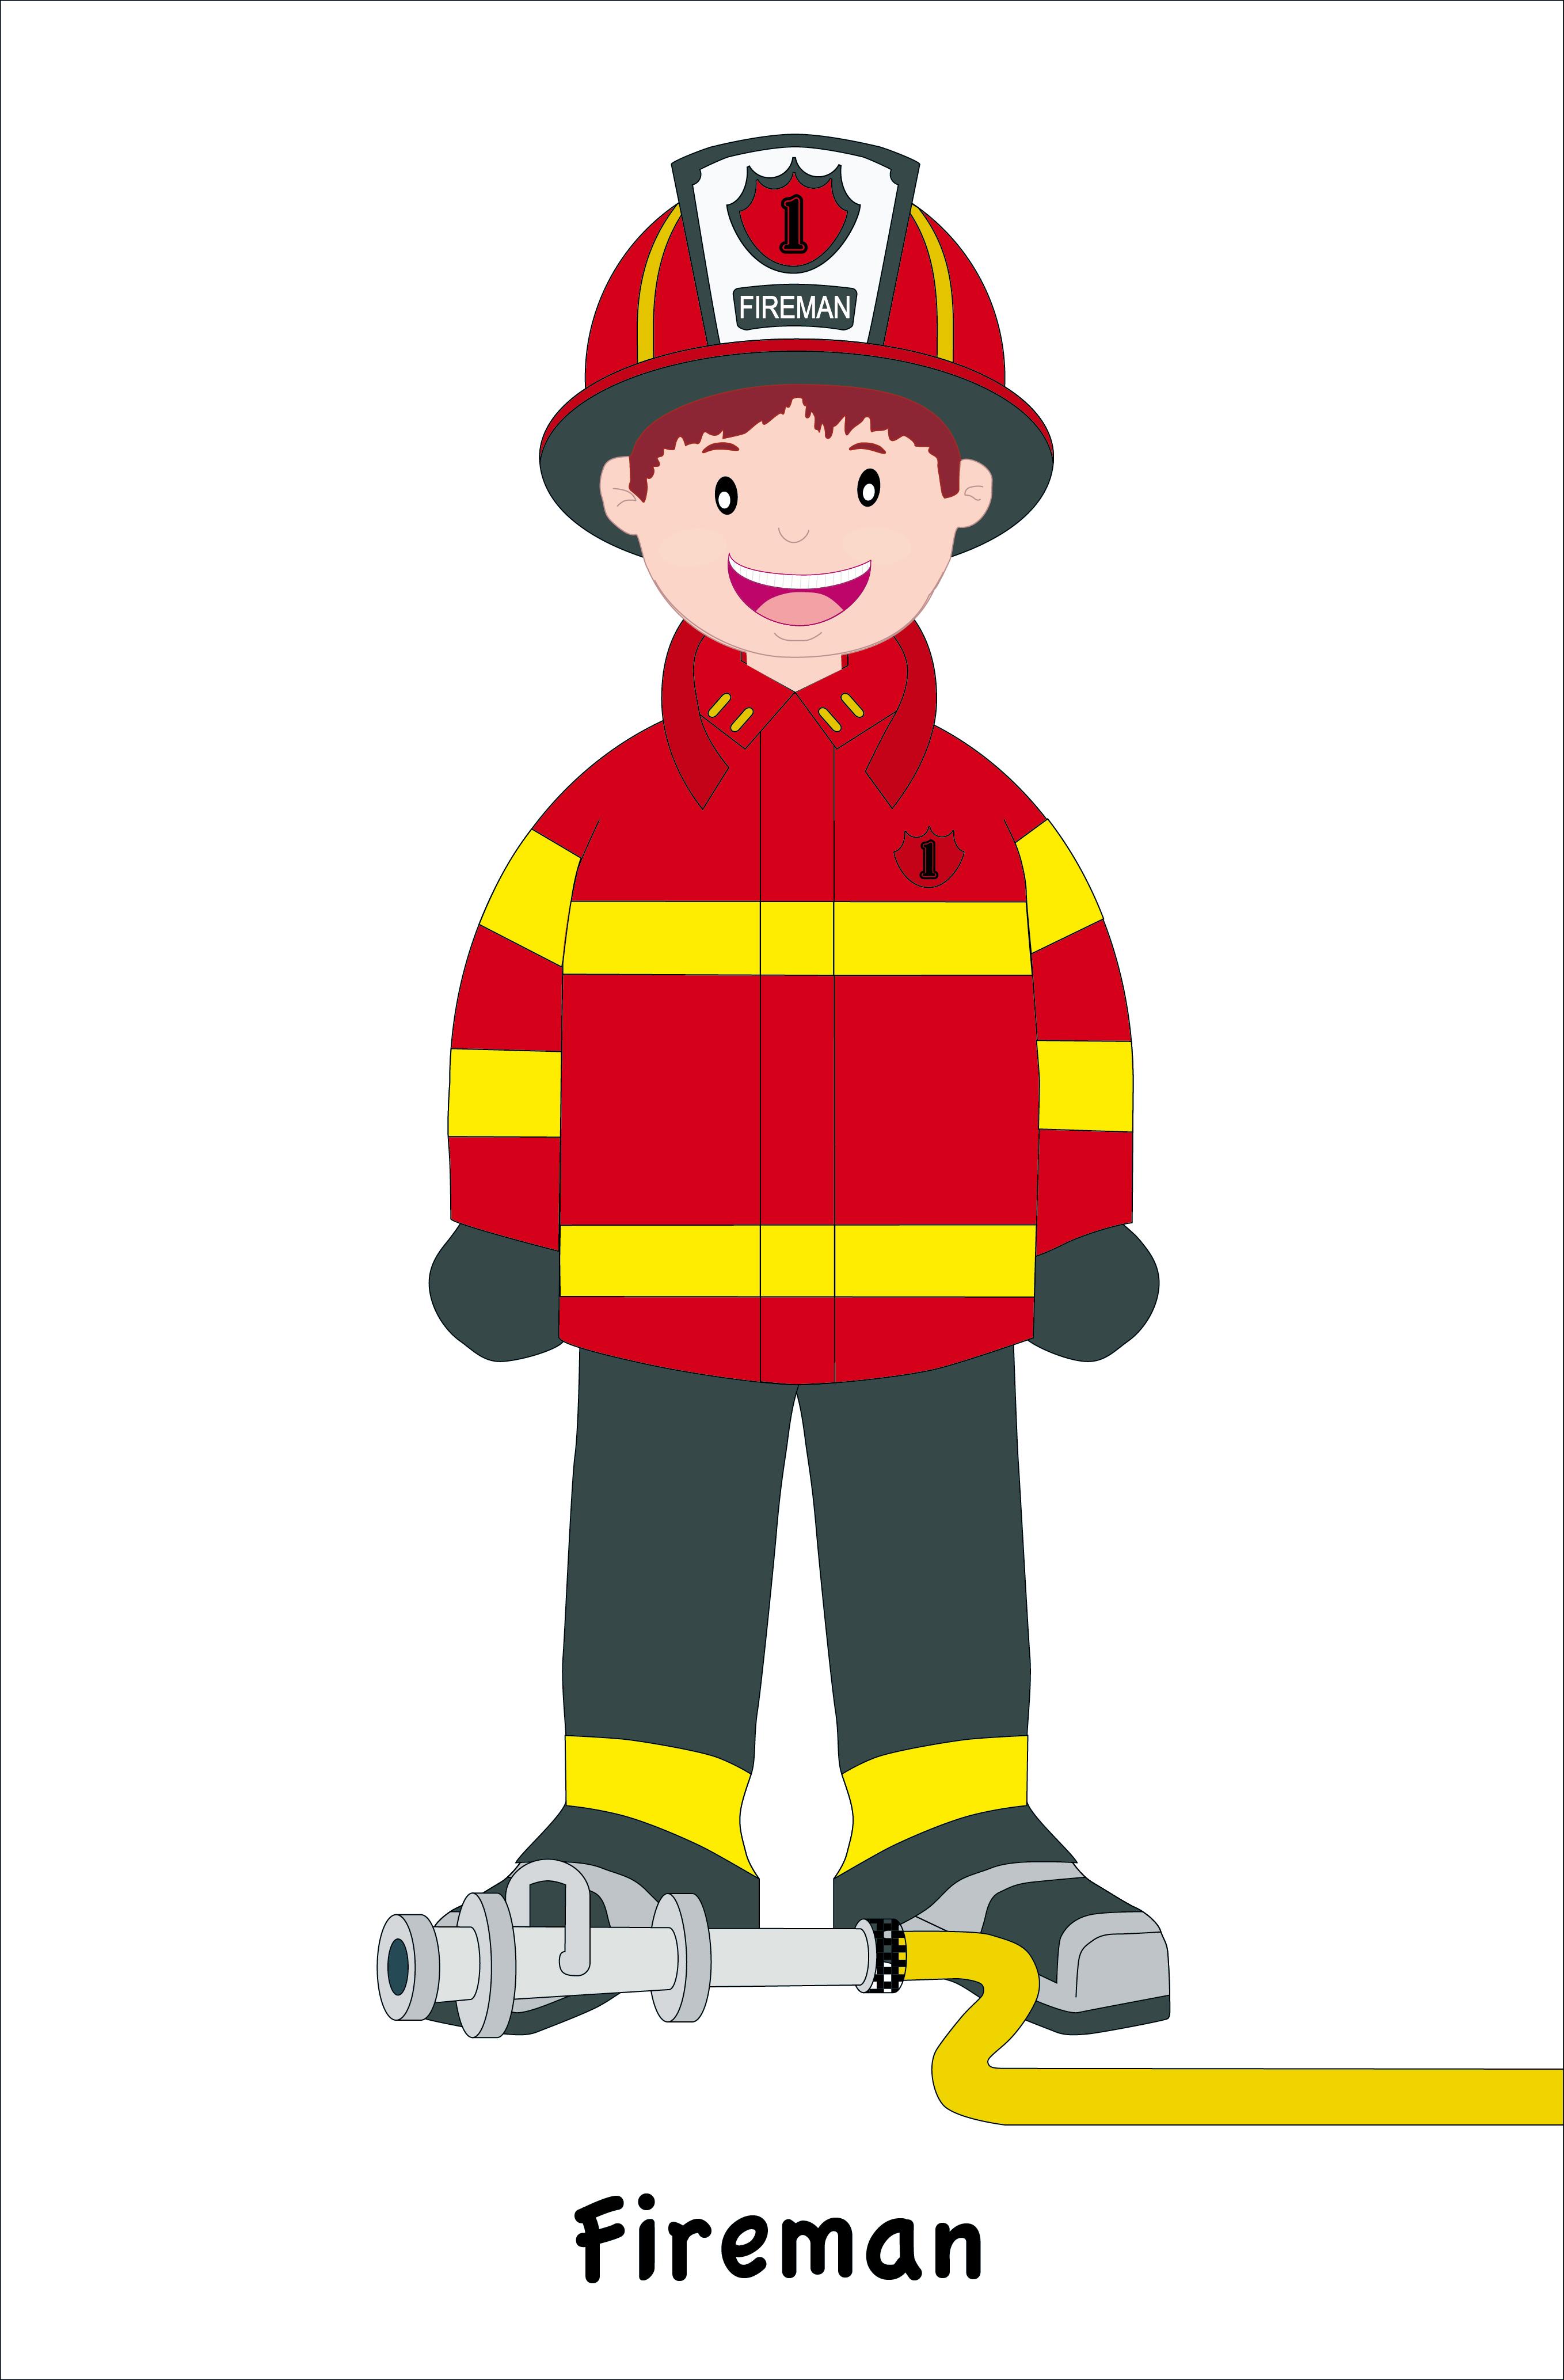 Fireman clipart officer. Community helpers create webquest